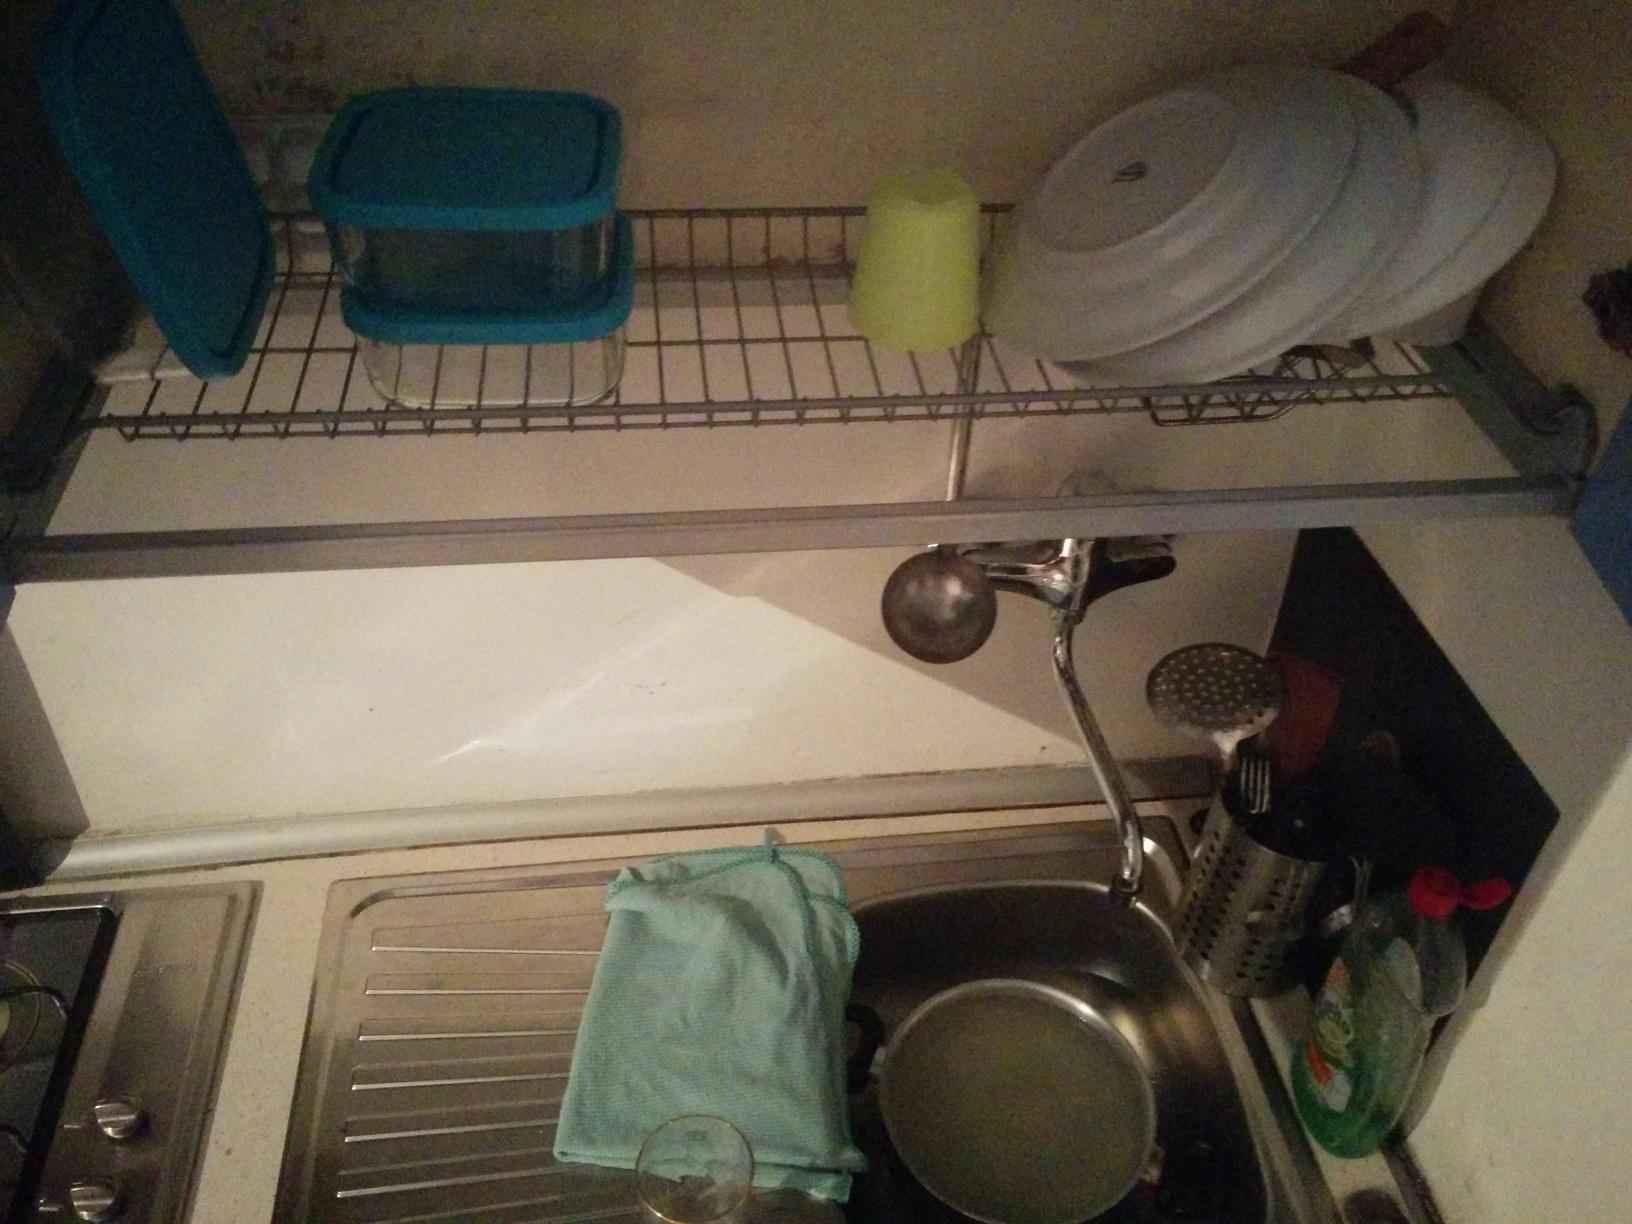 sink-drainer